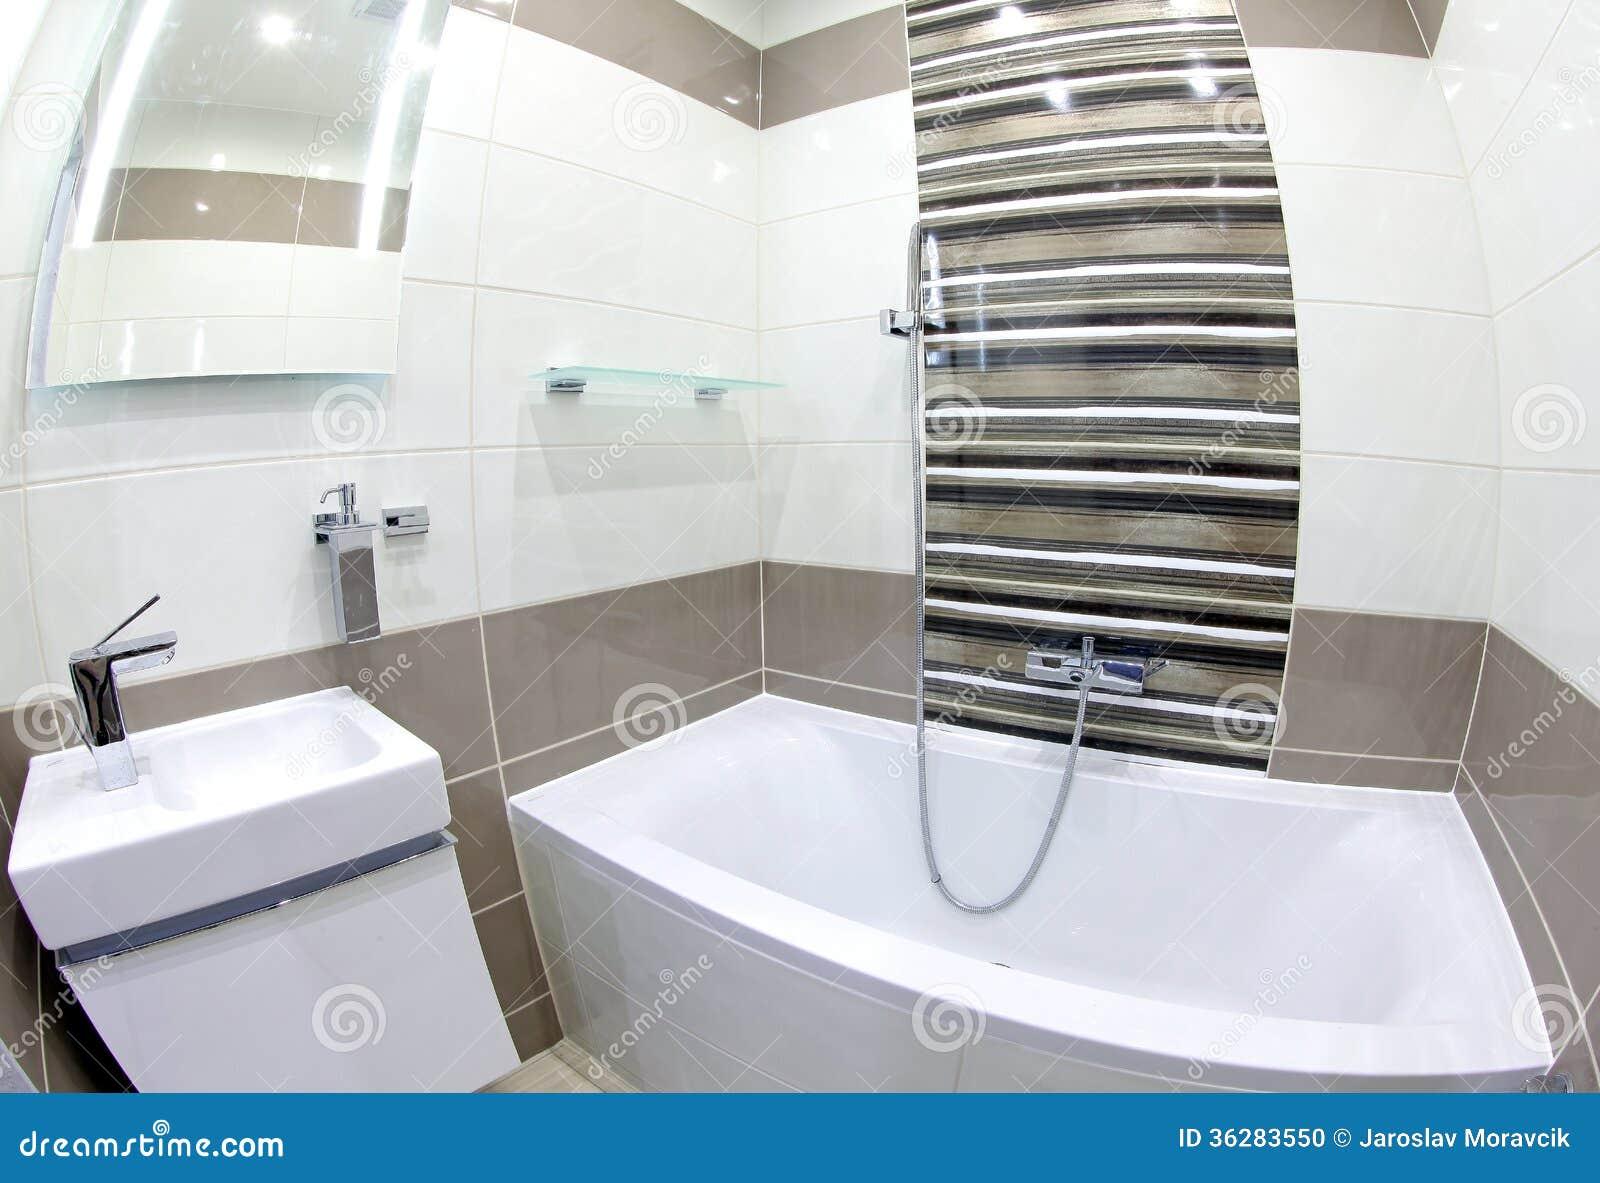 #474D61 Banheiro Pequeno Moderno Foto de Stock Imagem: 36283550 1300x978 px Banheiro Pequeno Moderno 2277